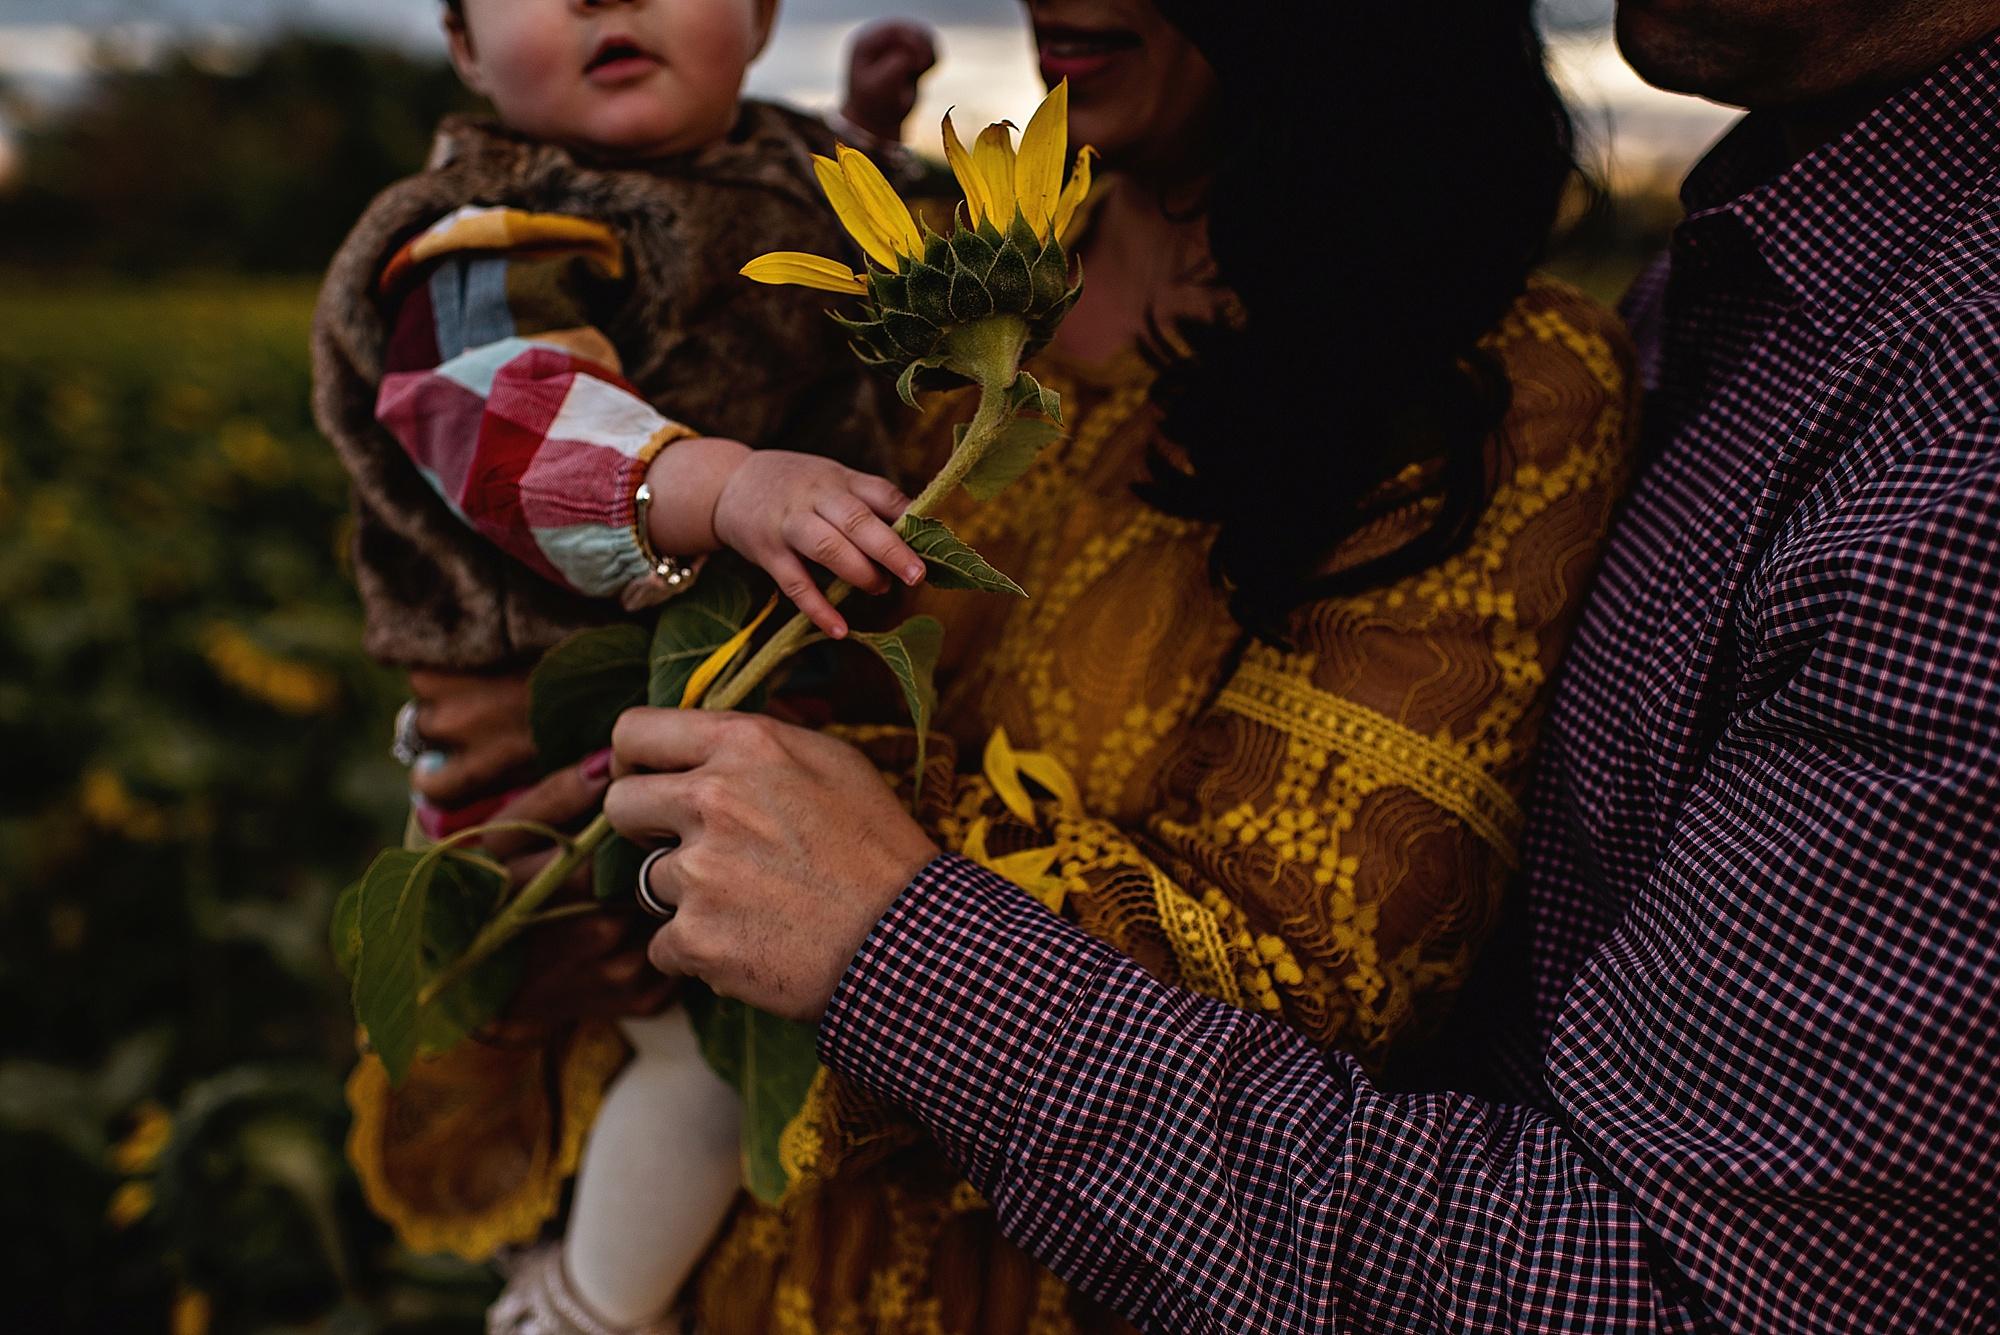 Turner-family-akron-ohio-photographer-lauren-grayson-sunflower-field-session_0023.jpg